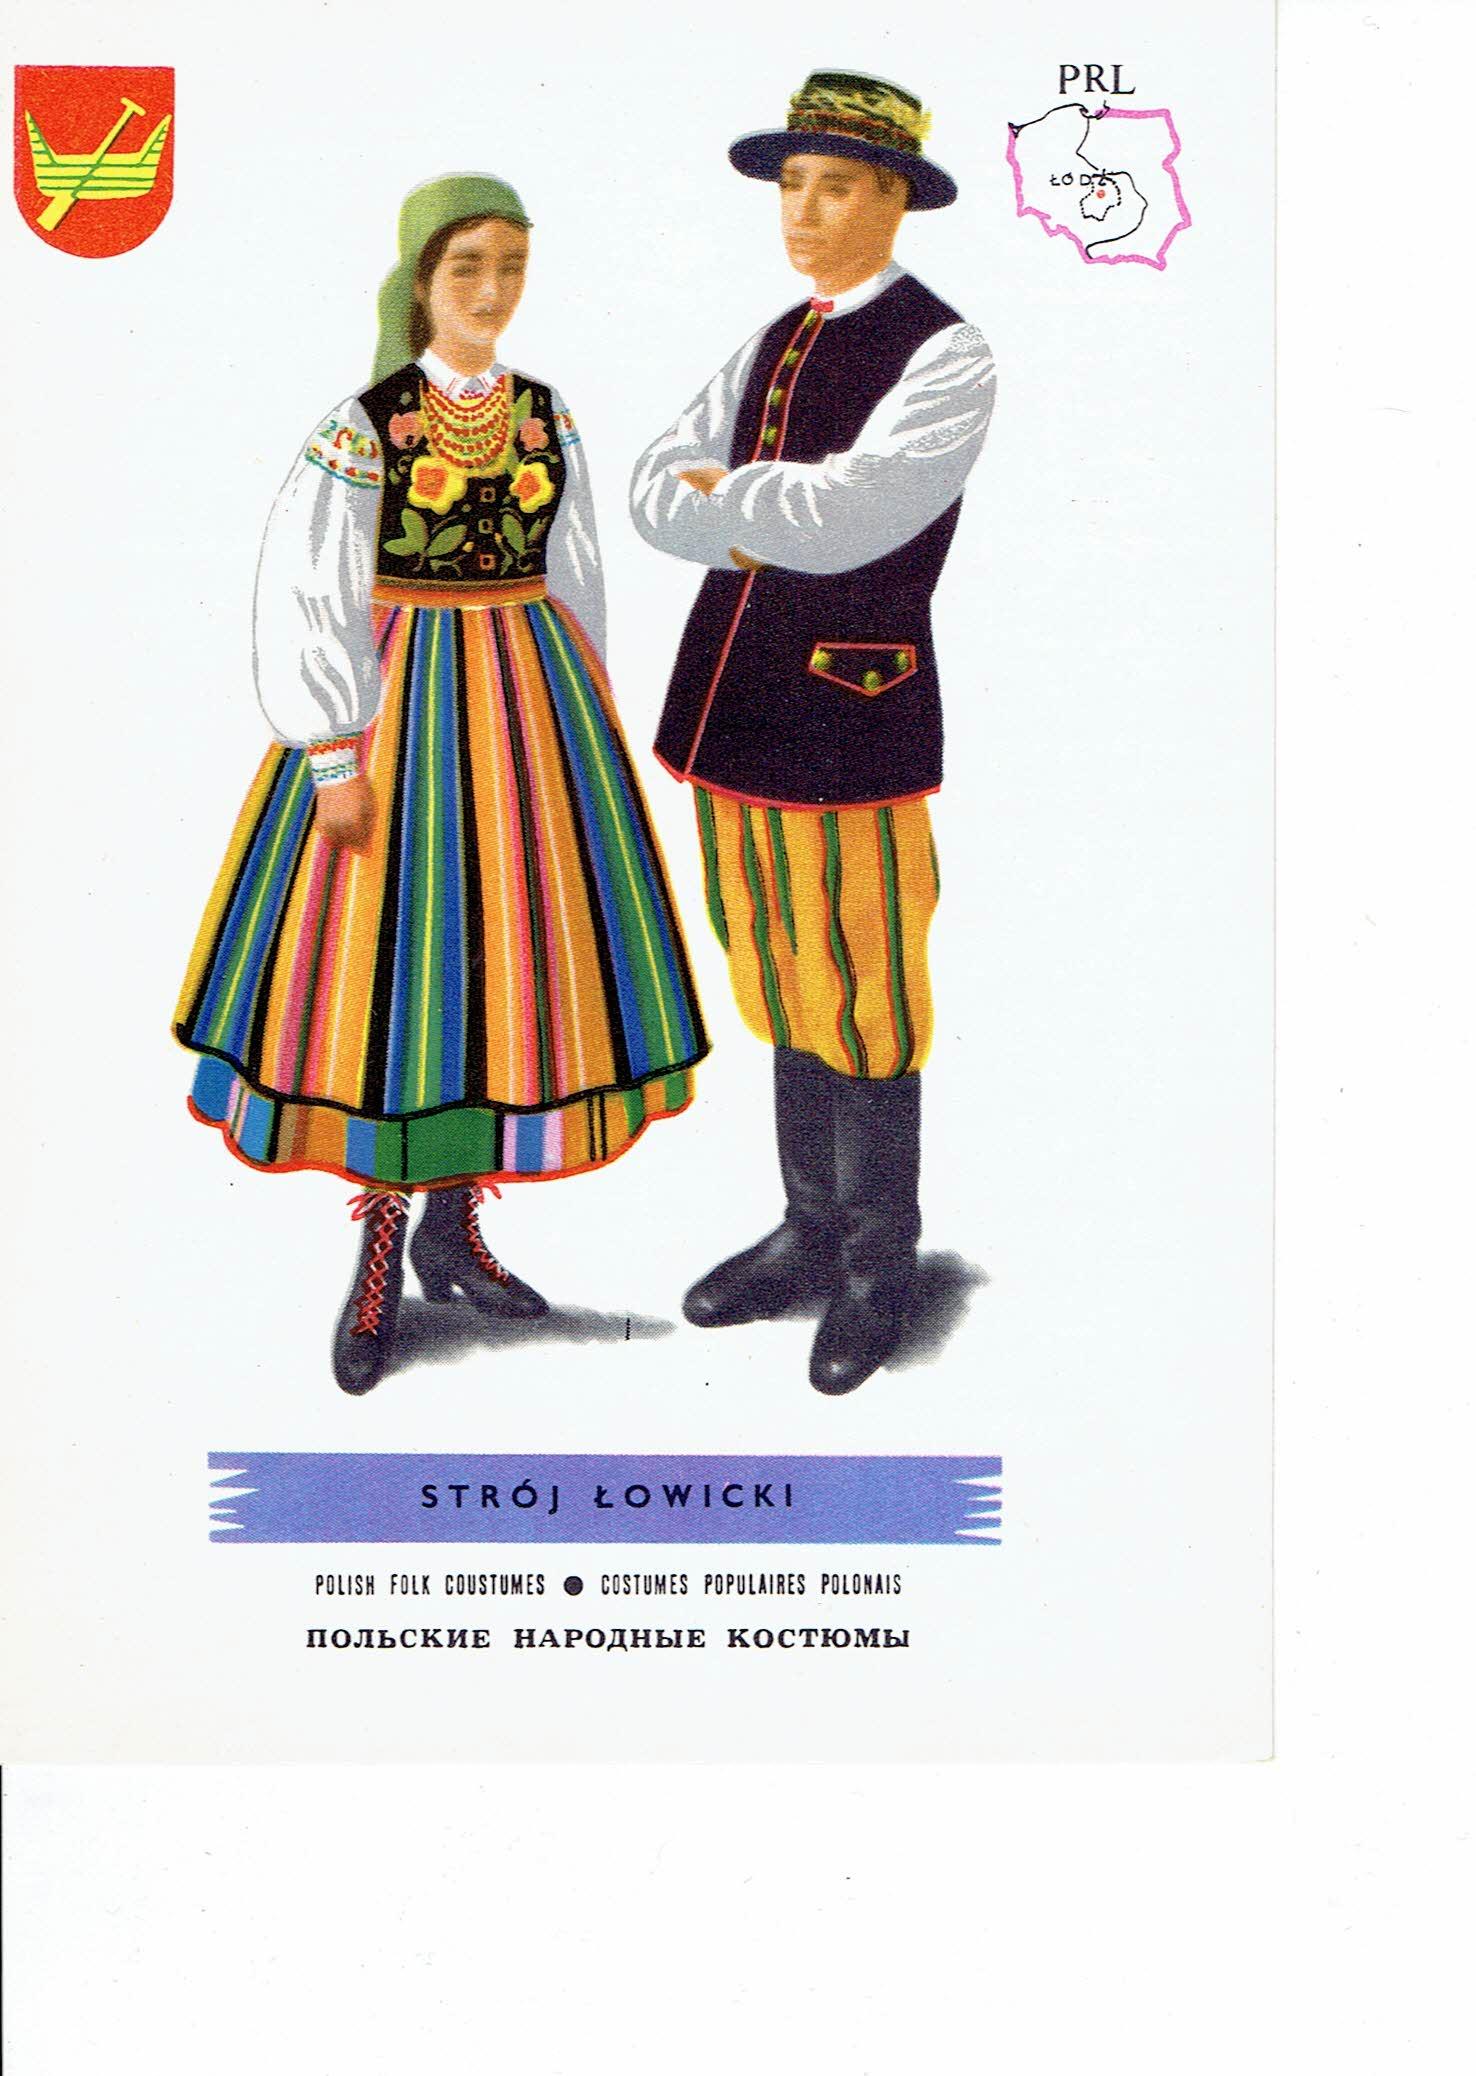 f5c9d07d9e9a15 STROJE LUDOWE strój ŁOWICKI - 7440798560 - oficjalne archiwum allegro